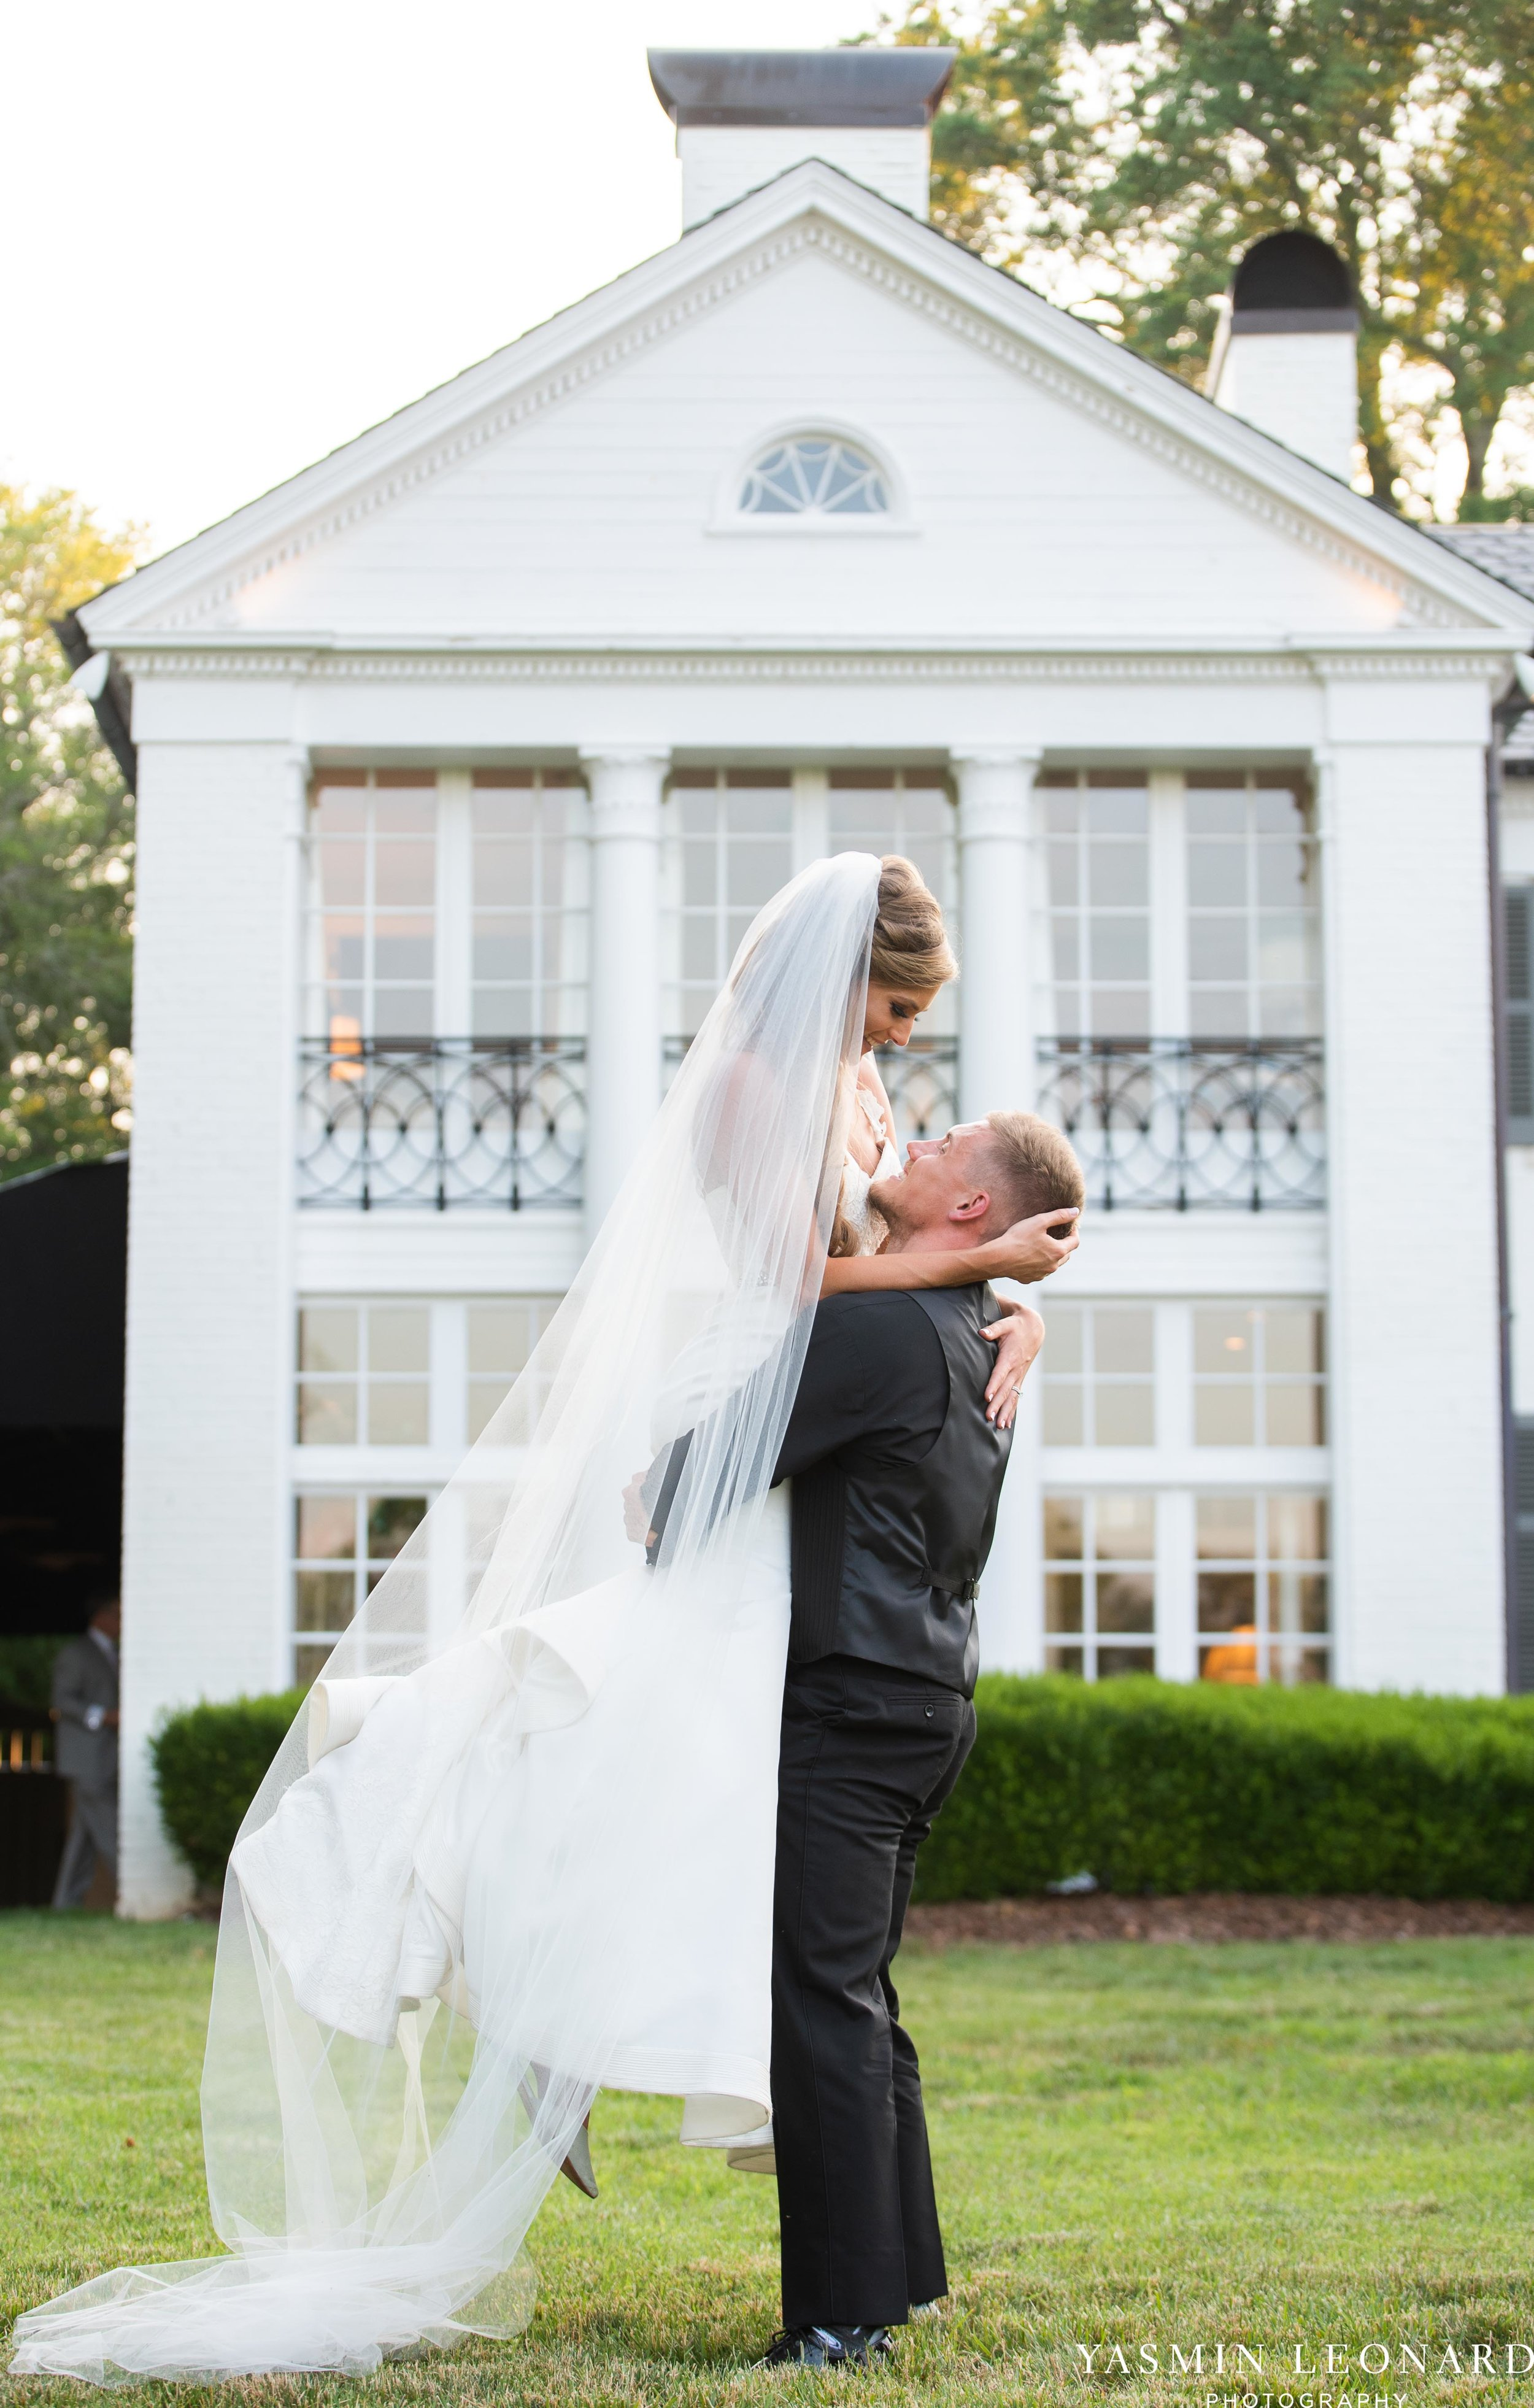 Boxwood Estate - Boxwood Estate Wedding - Luxury Wedding - Black and White Wedding - NC Wedding Venues - NC Weddings - NC Photographer - Lantern Release Grand Exit - Large Wedding Party - Yasmin Leonard Photography-61.jpg